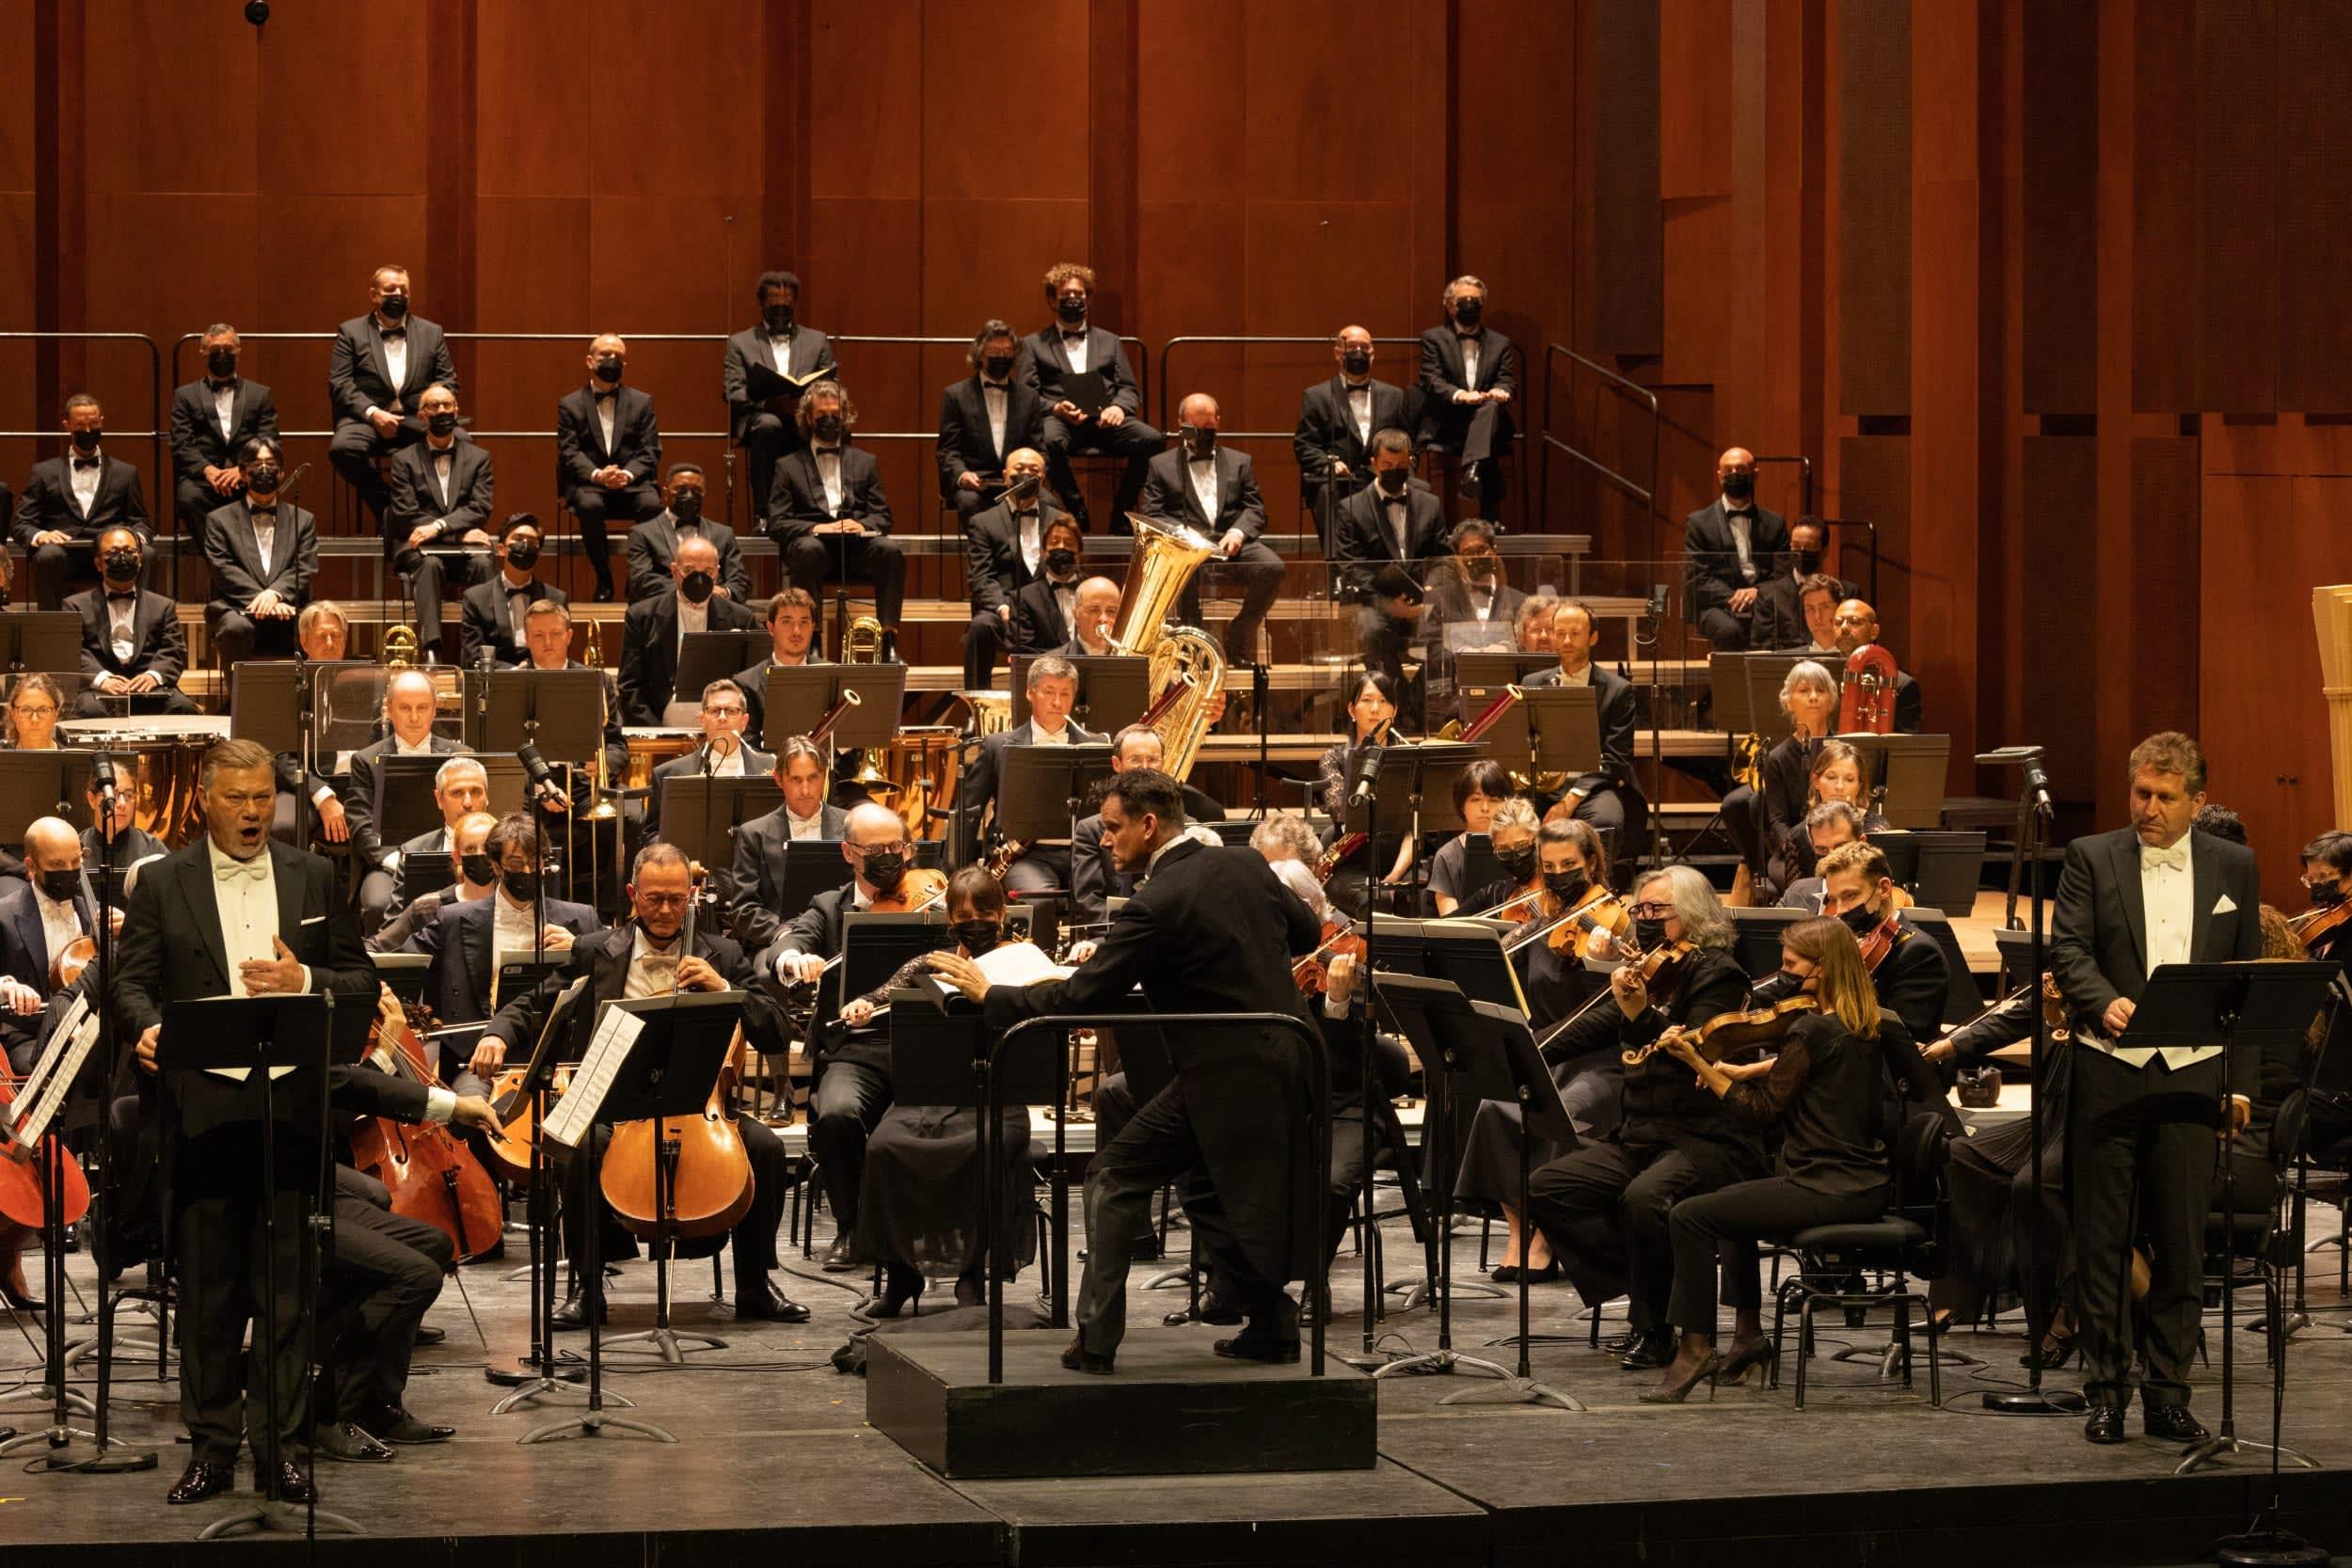 Concert exceptionnel - Philippe Jordan - 5